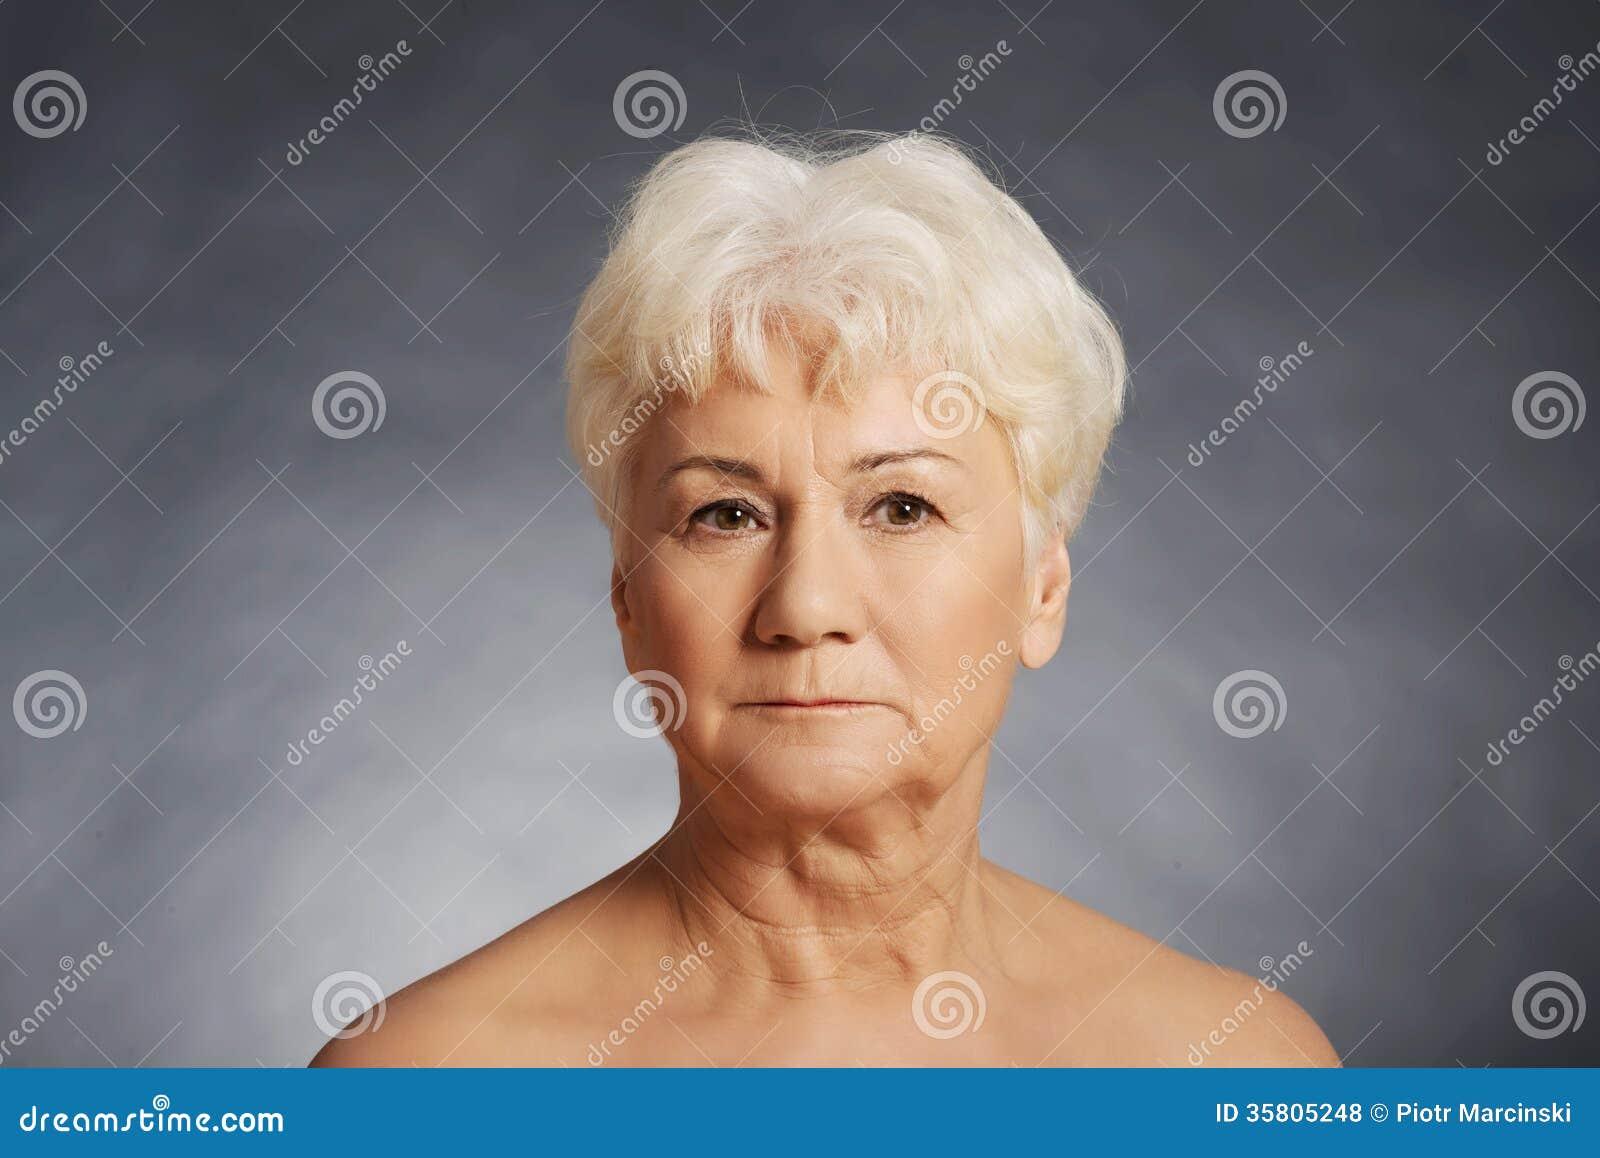 Fotografia di donna vecchia nude photo 33